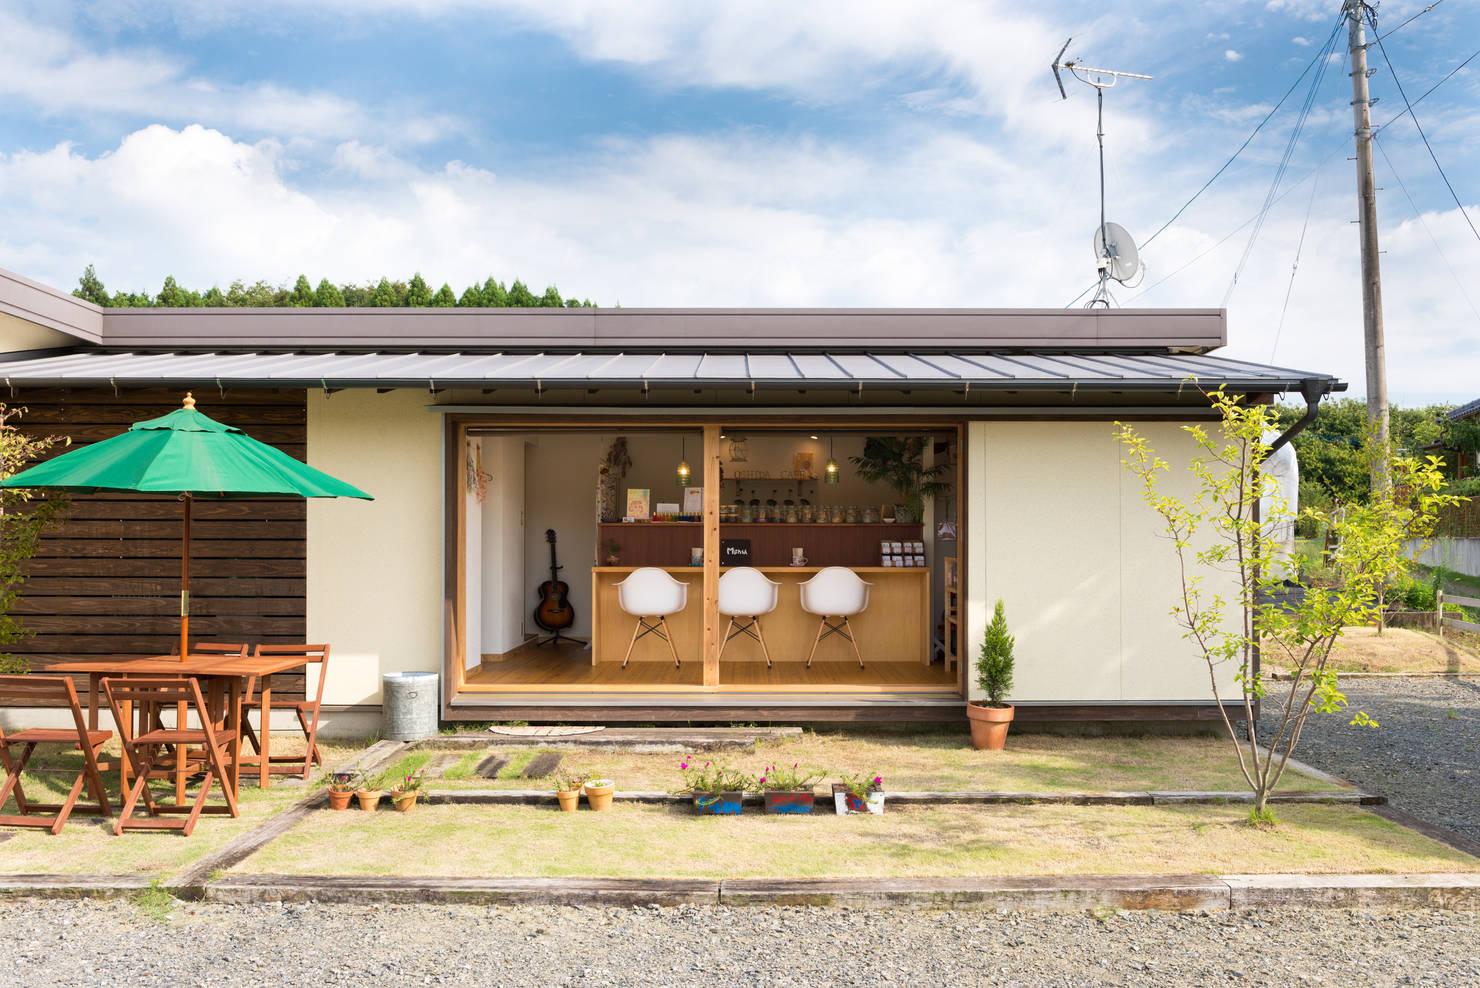 집과 일터를 한곳에, 주거점포병용주택 아이디어 4